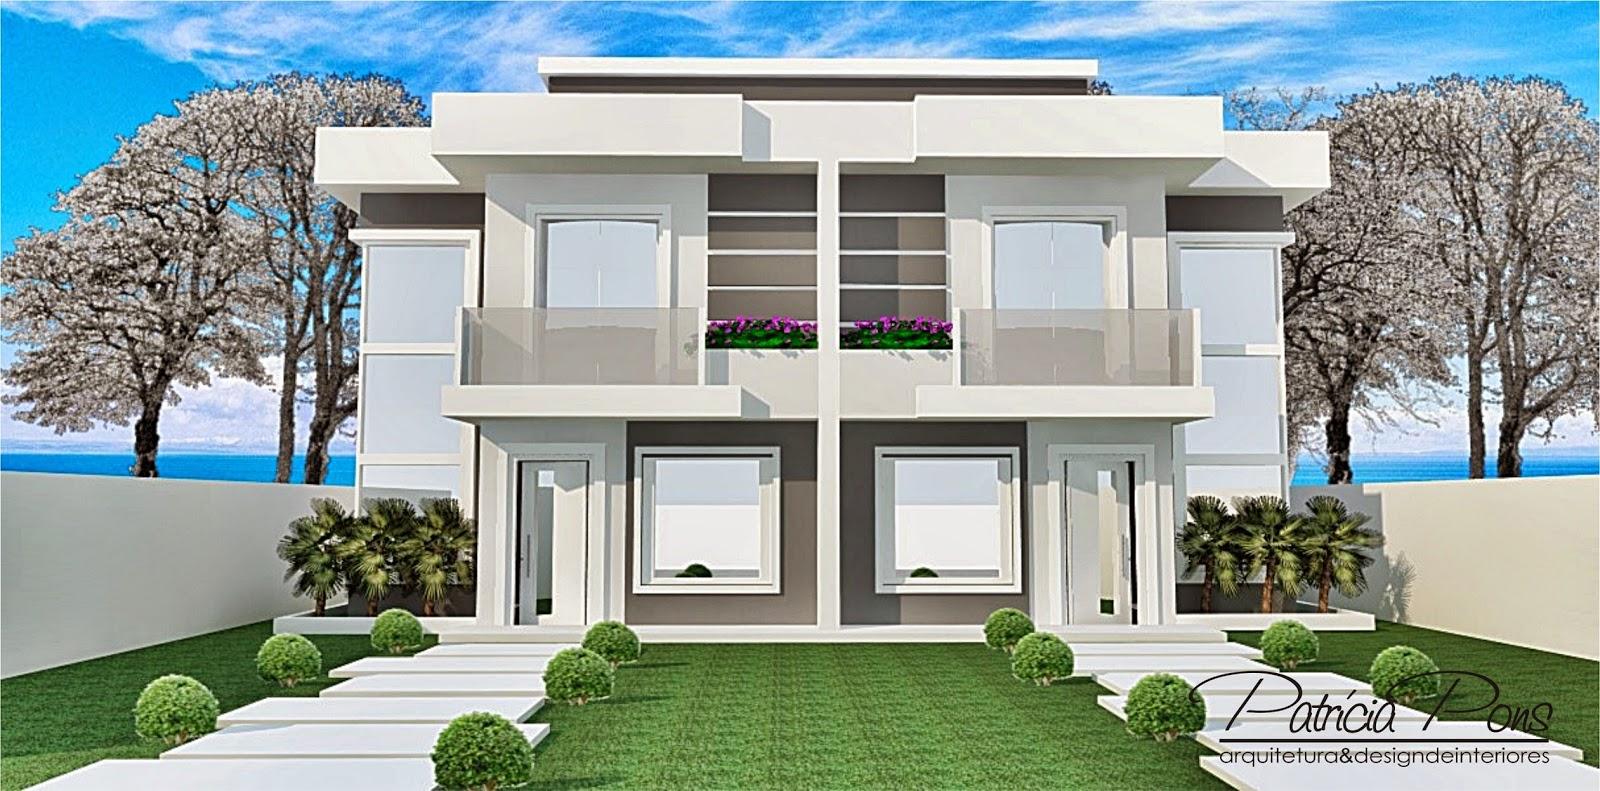 15 ideias de fachadas para sobrados pequenos e duplex: FOTOS